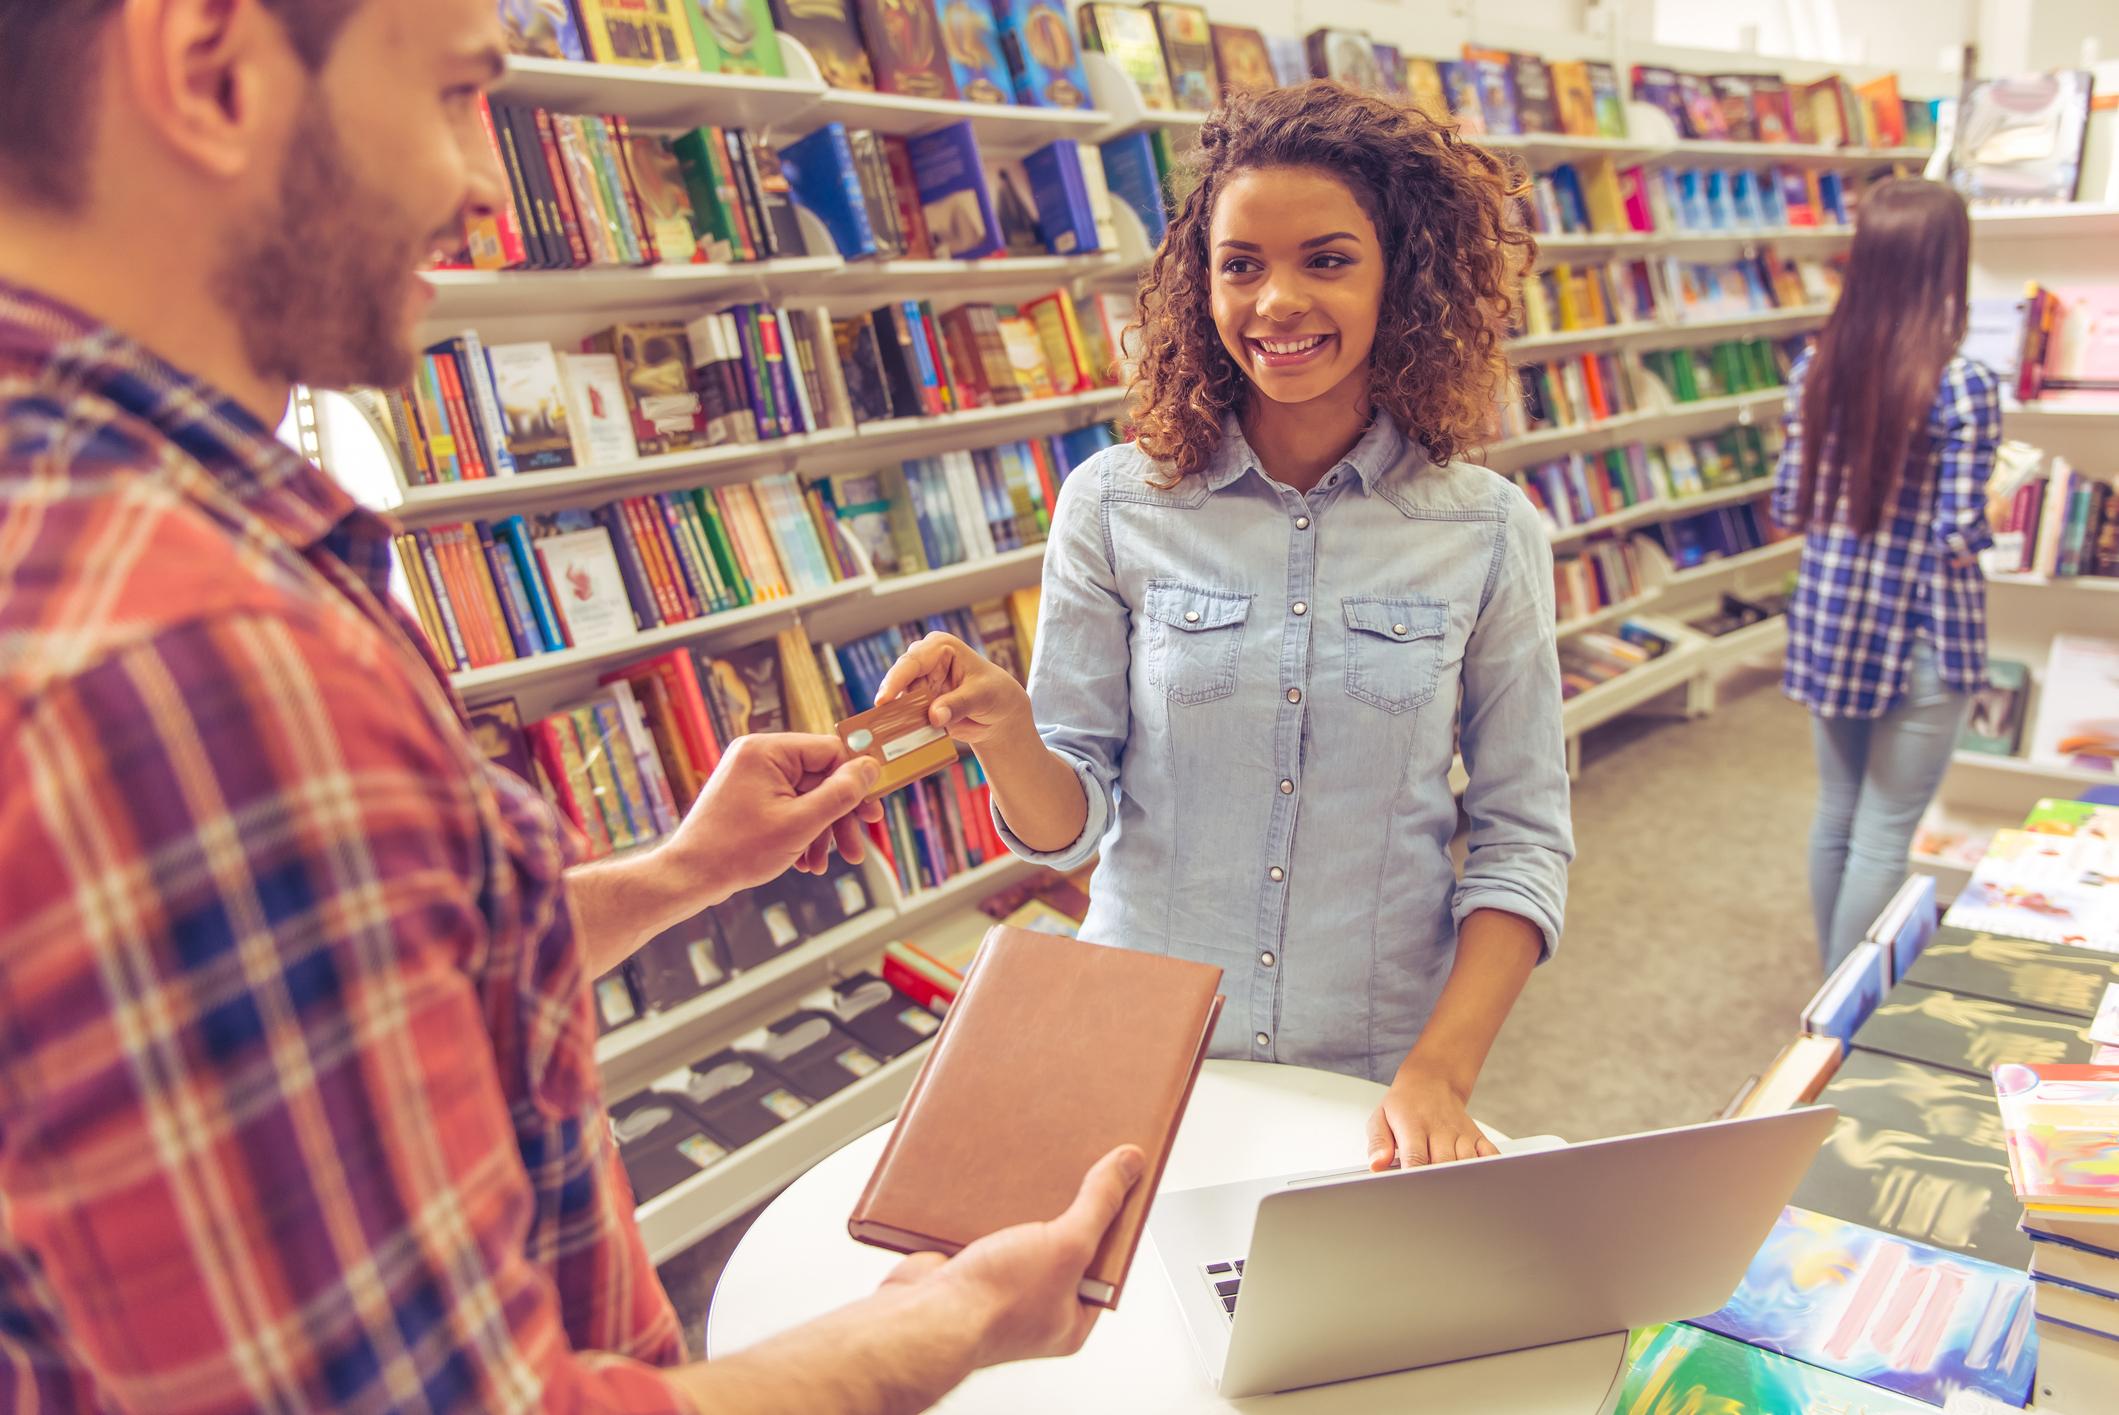 Var köper man böcker?